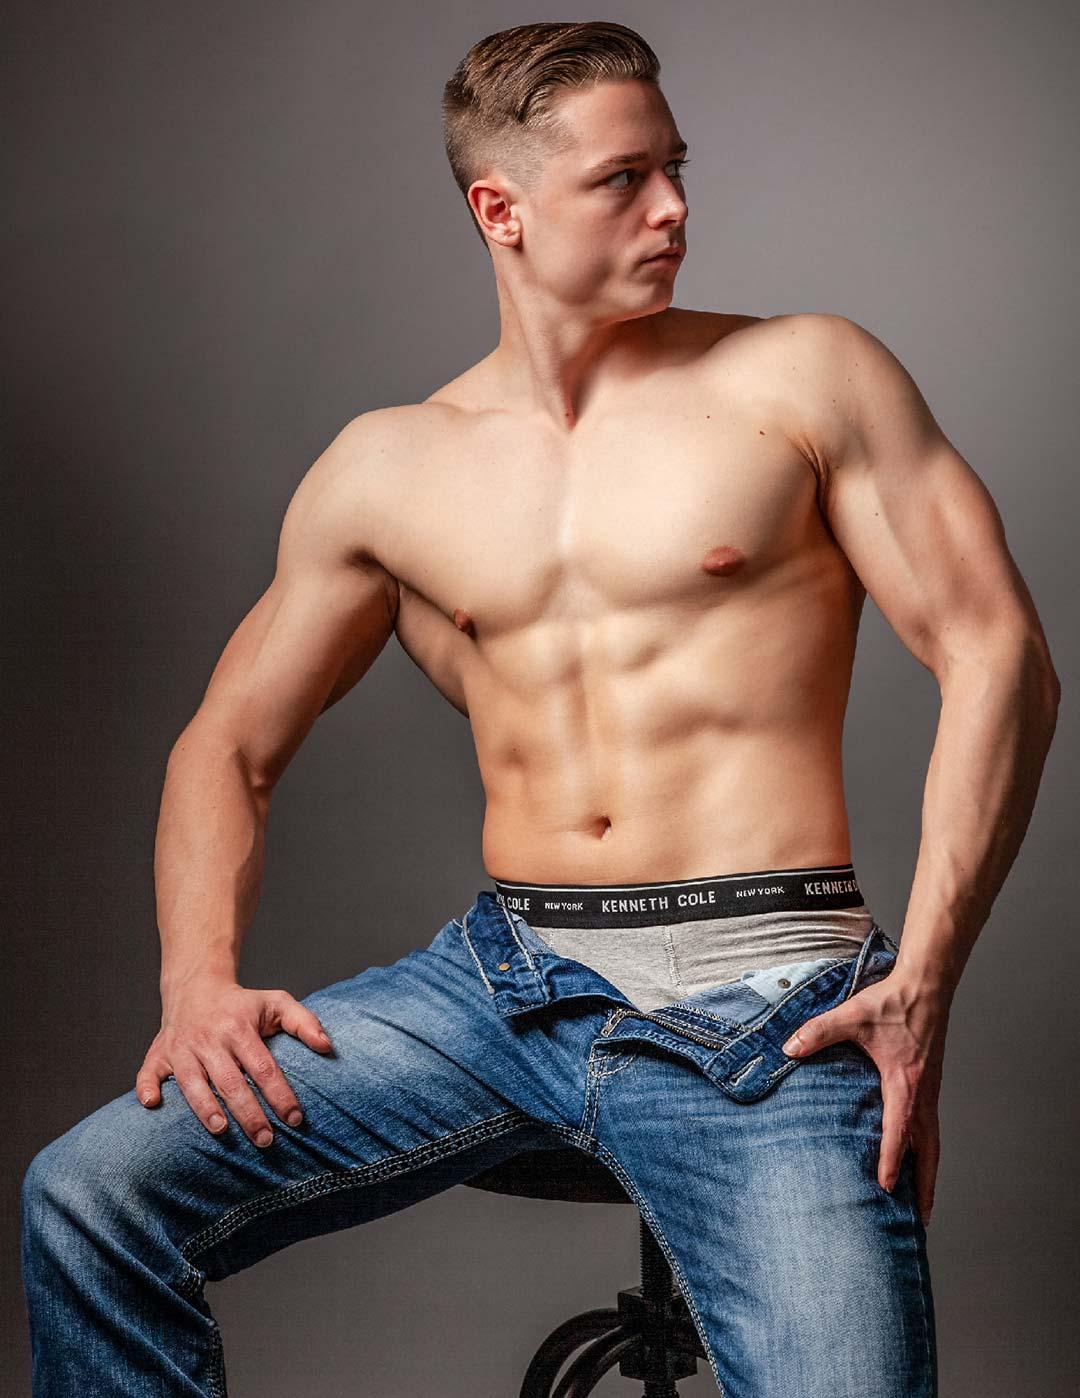 Fitness model Rich Melton modeling Kenneth Cole men's underwear